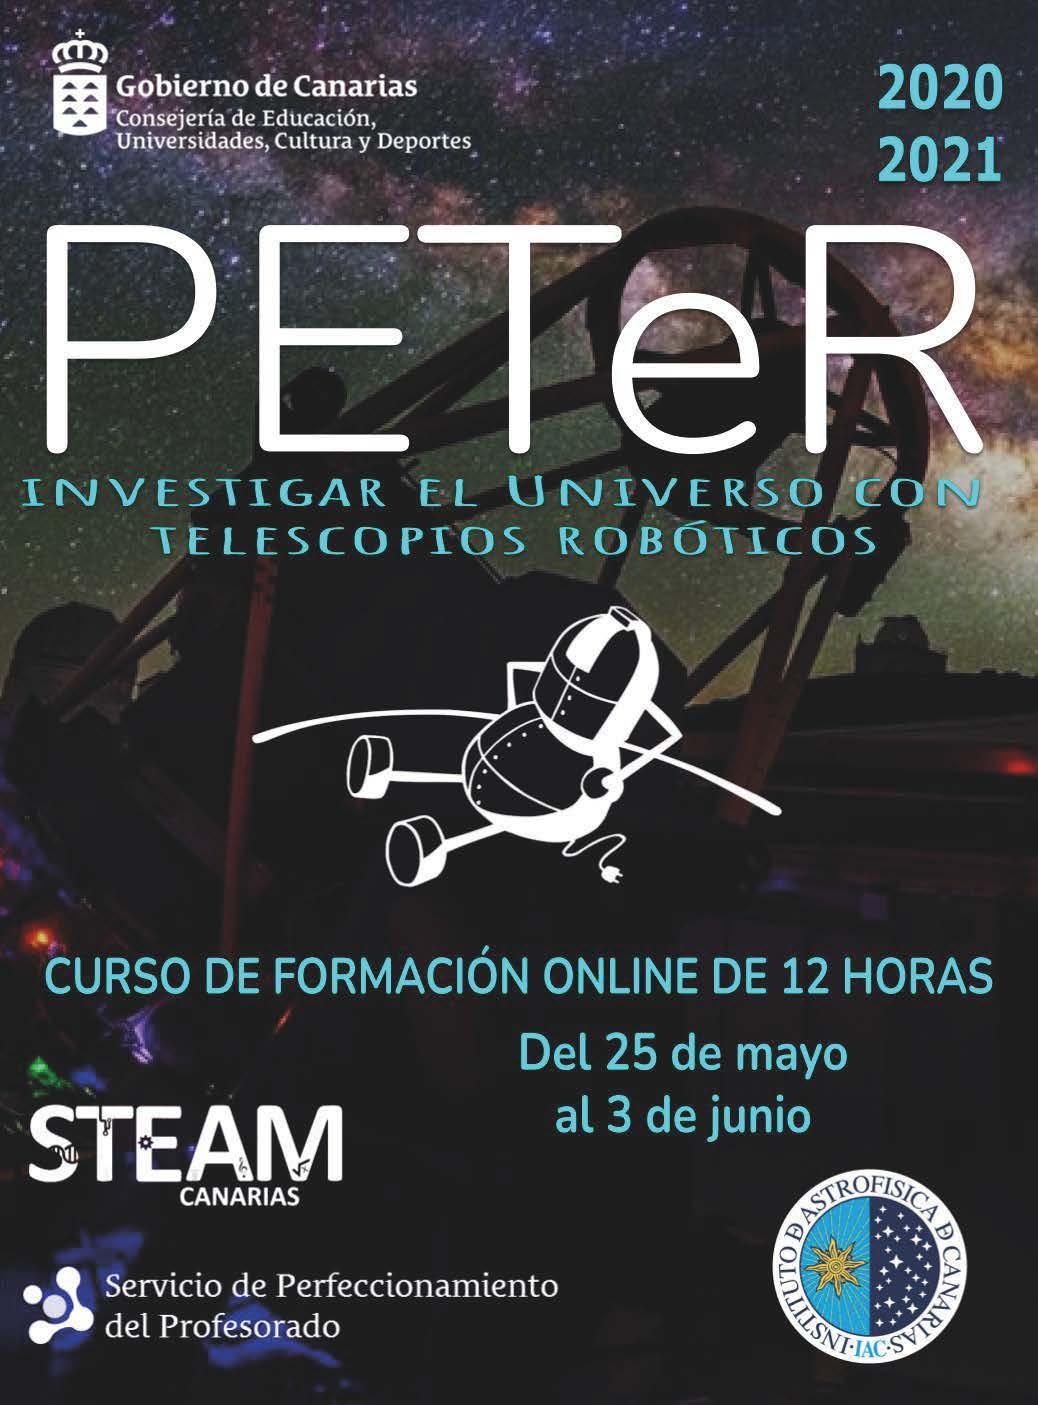 Cartel del curso online PETeR 2021